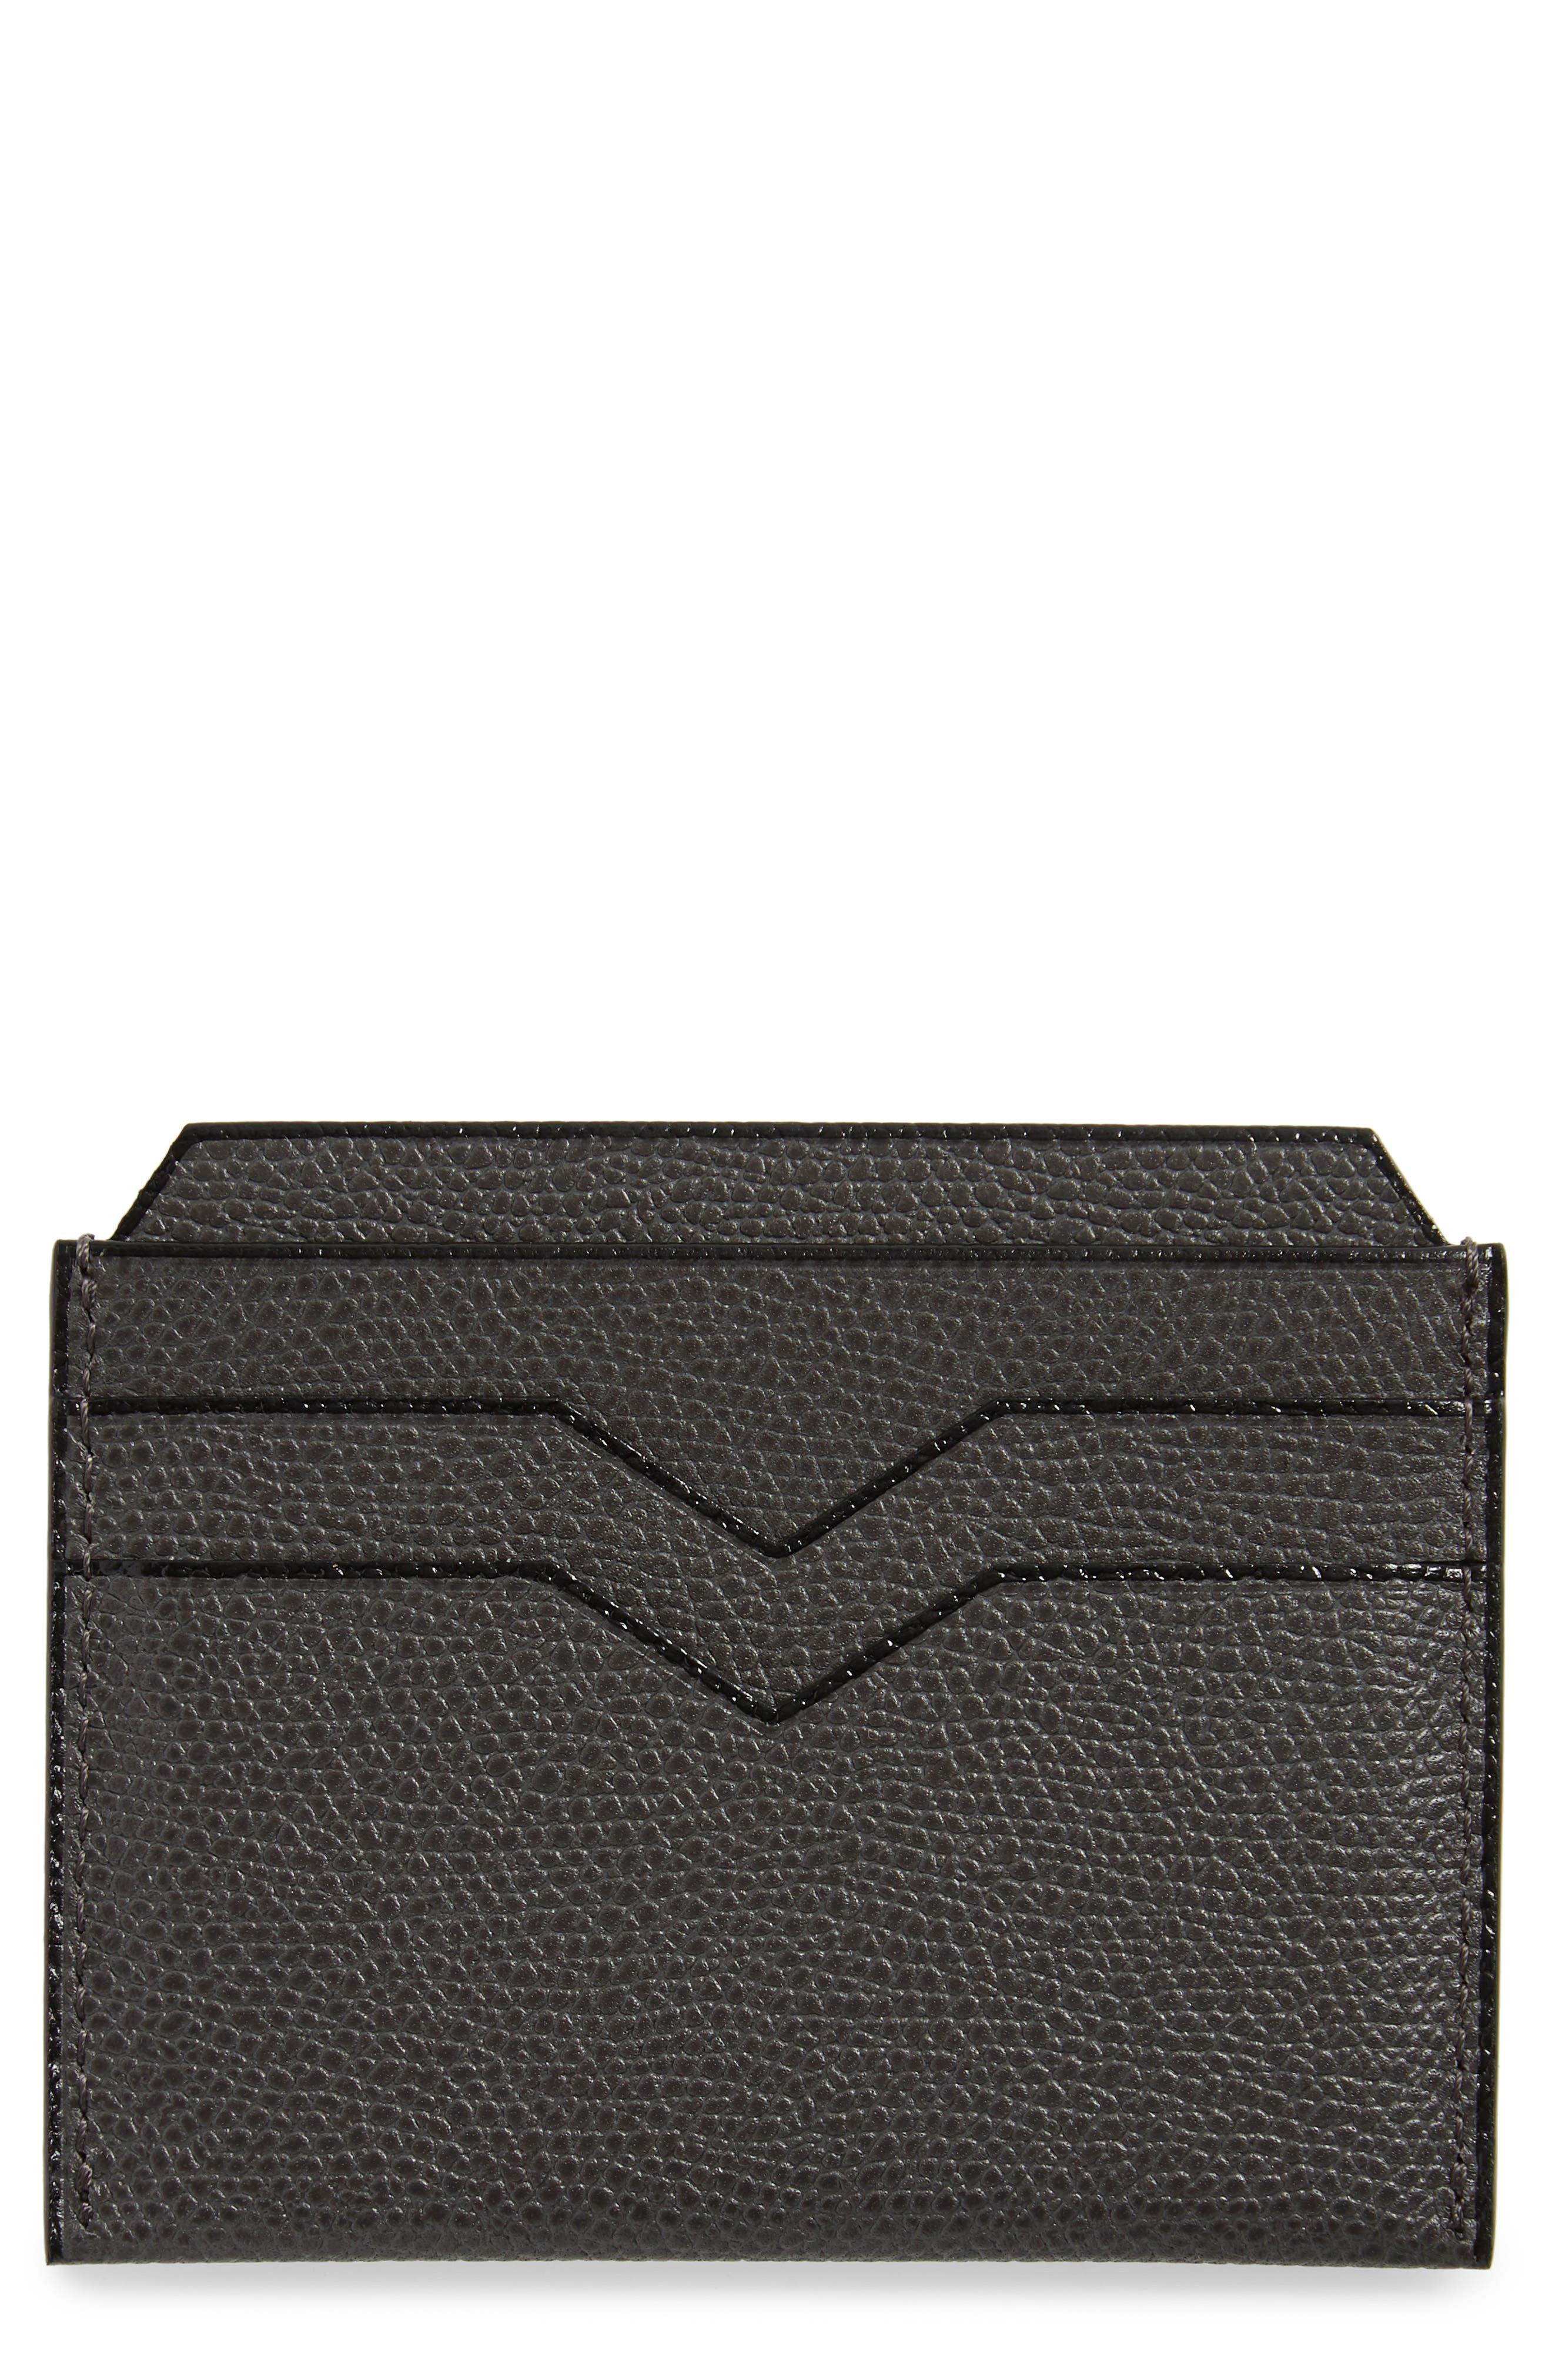 Leather Card Case, Main, color, FUMO DI LONDRA